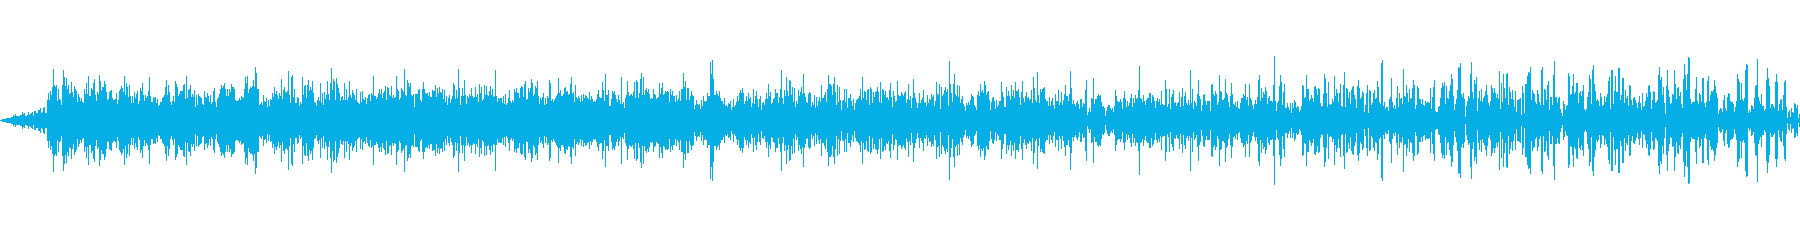 巻き戻し3の再生済みの波形